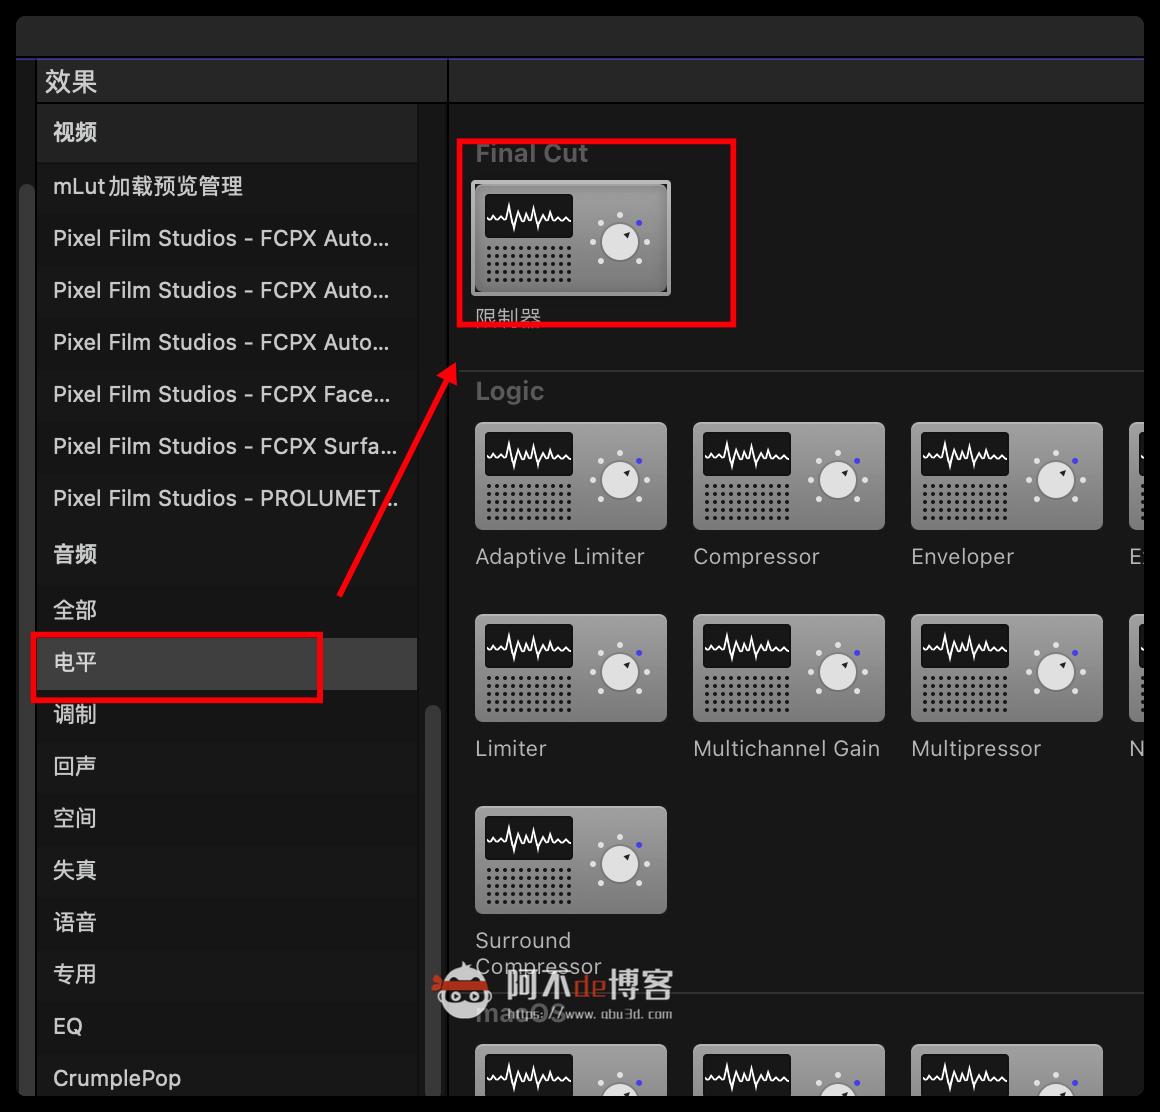 FCPX教程-剪辑过程中 让视频声音批量统一音量!一招搞定!插图3